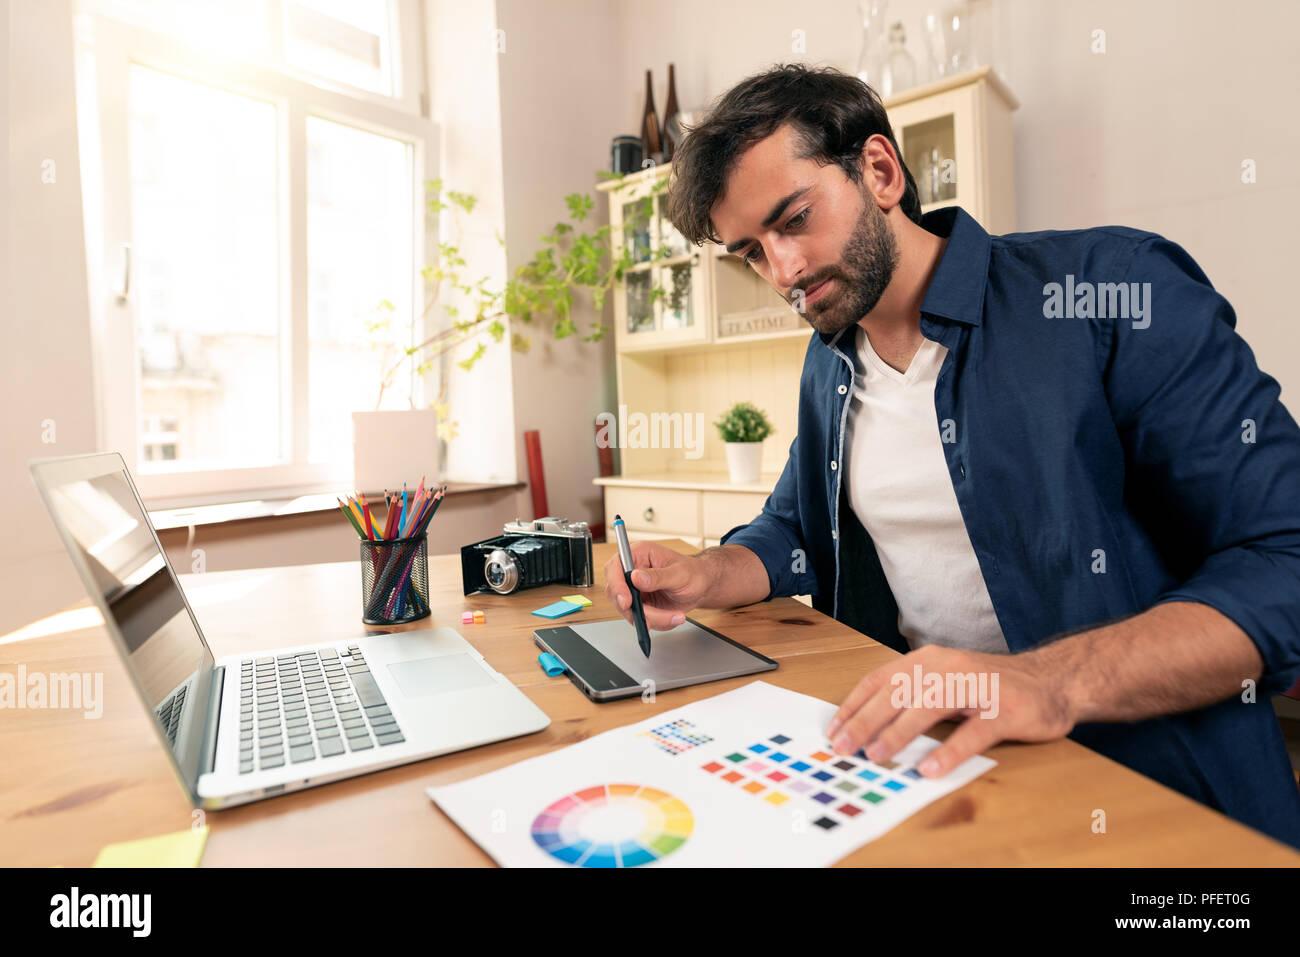 Diseñador gráfico que trabaja en Tablet digital. Freelancer trabajando en casa. Foto de stock